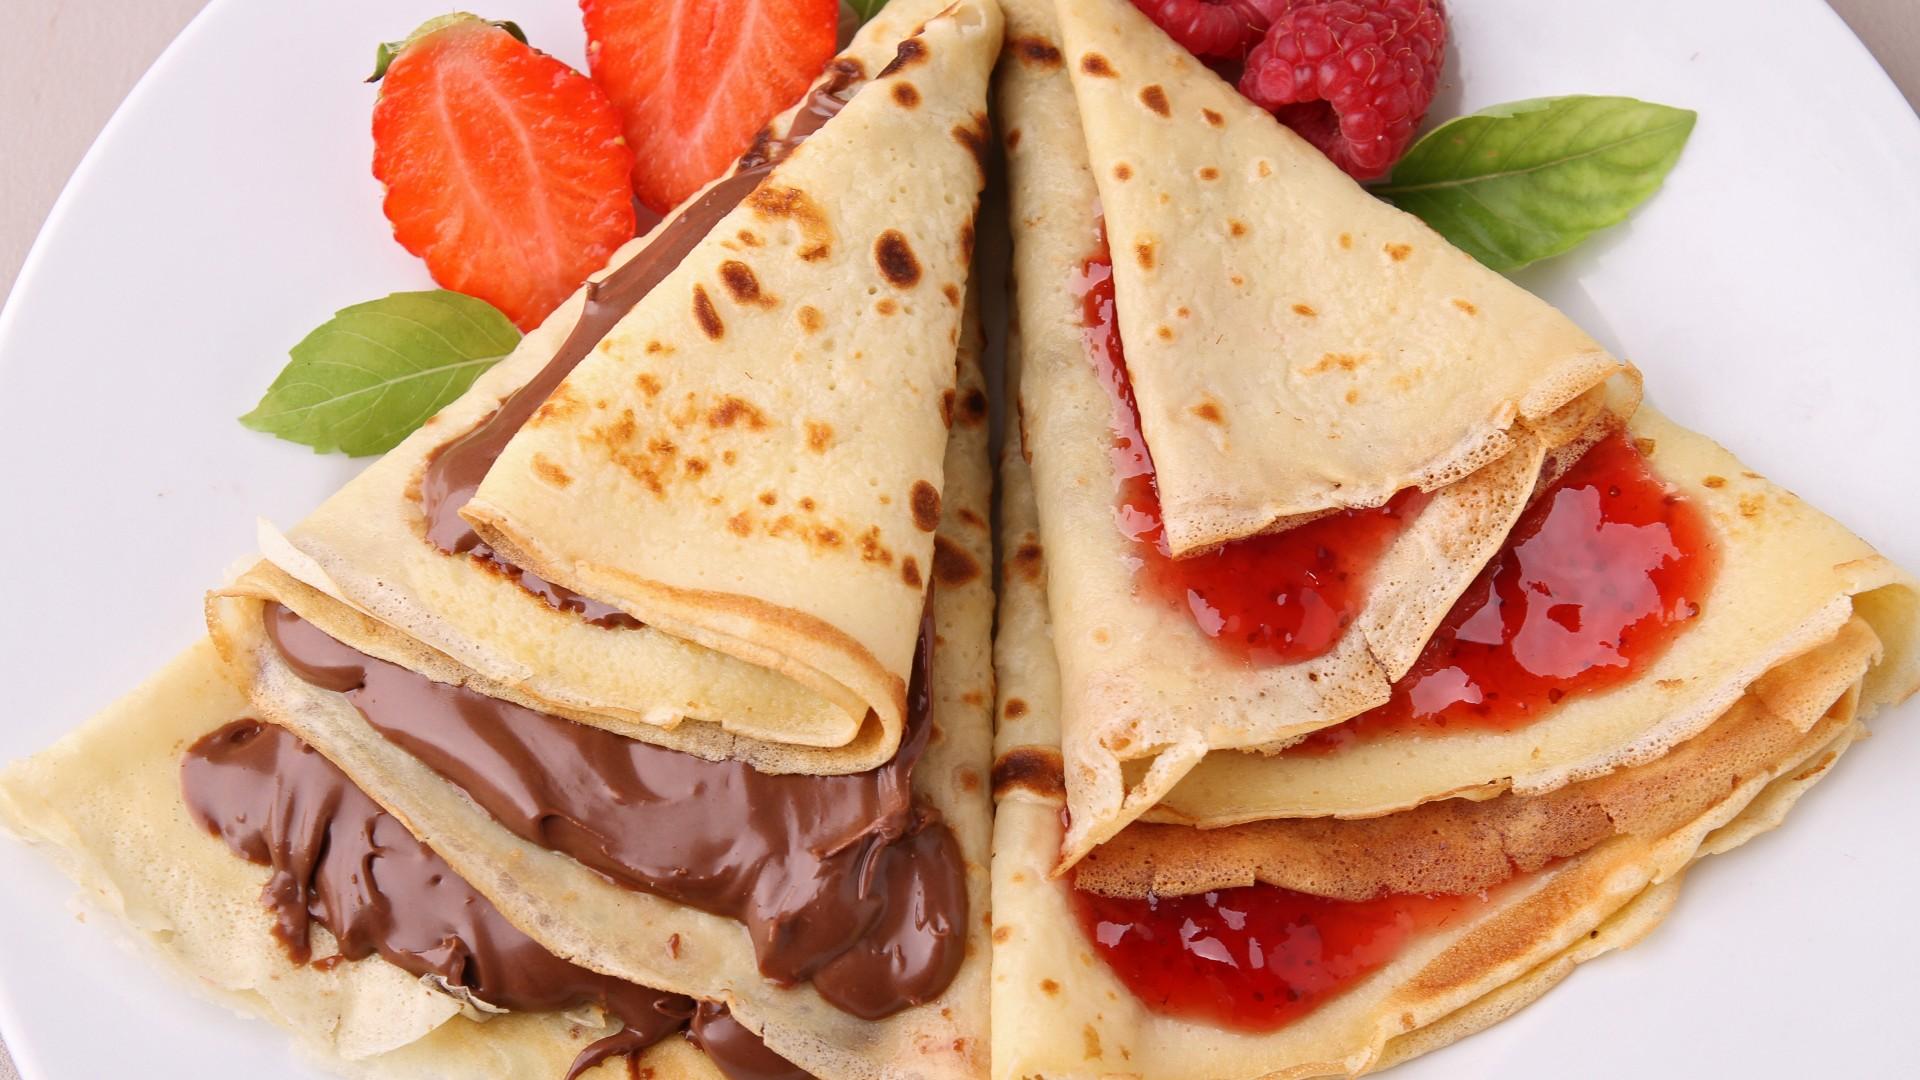 Область применения джемов в пищевой промышленности довольно широка: в хлебопекарной - как начинка в хлебобулочных изделиях, начинка для слоеных изделий (торты, рулеты и т.д.) и кексов, пирогов, пряников.